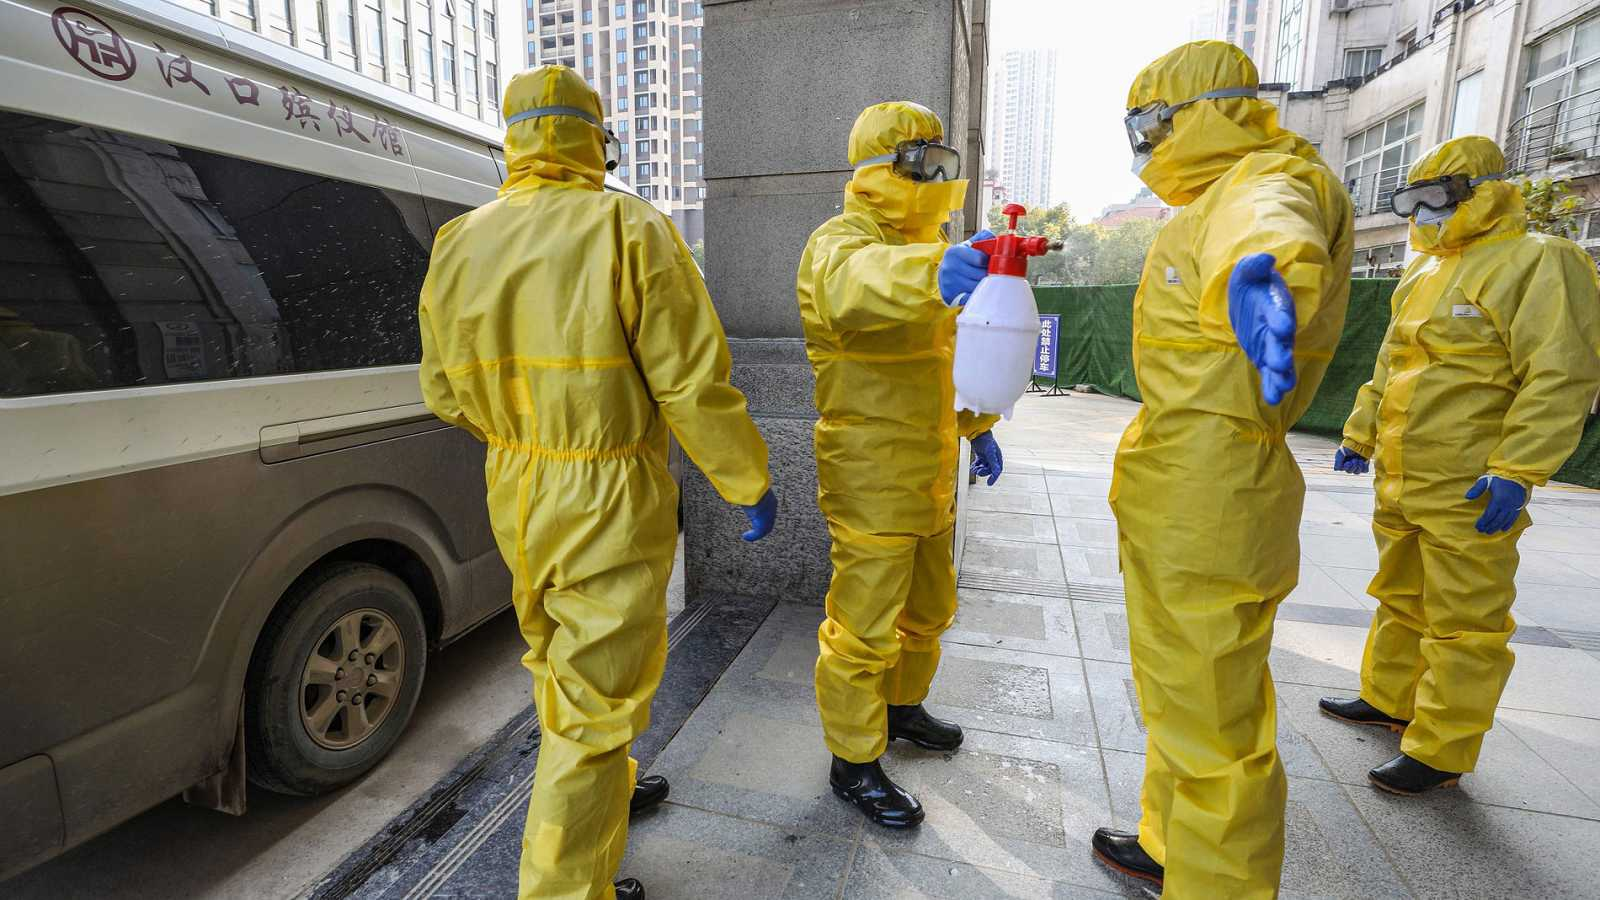 ¿Conocen los chinos el origen del Coronavirus y no nos lo dicen? ¿Lo crearon ellos?